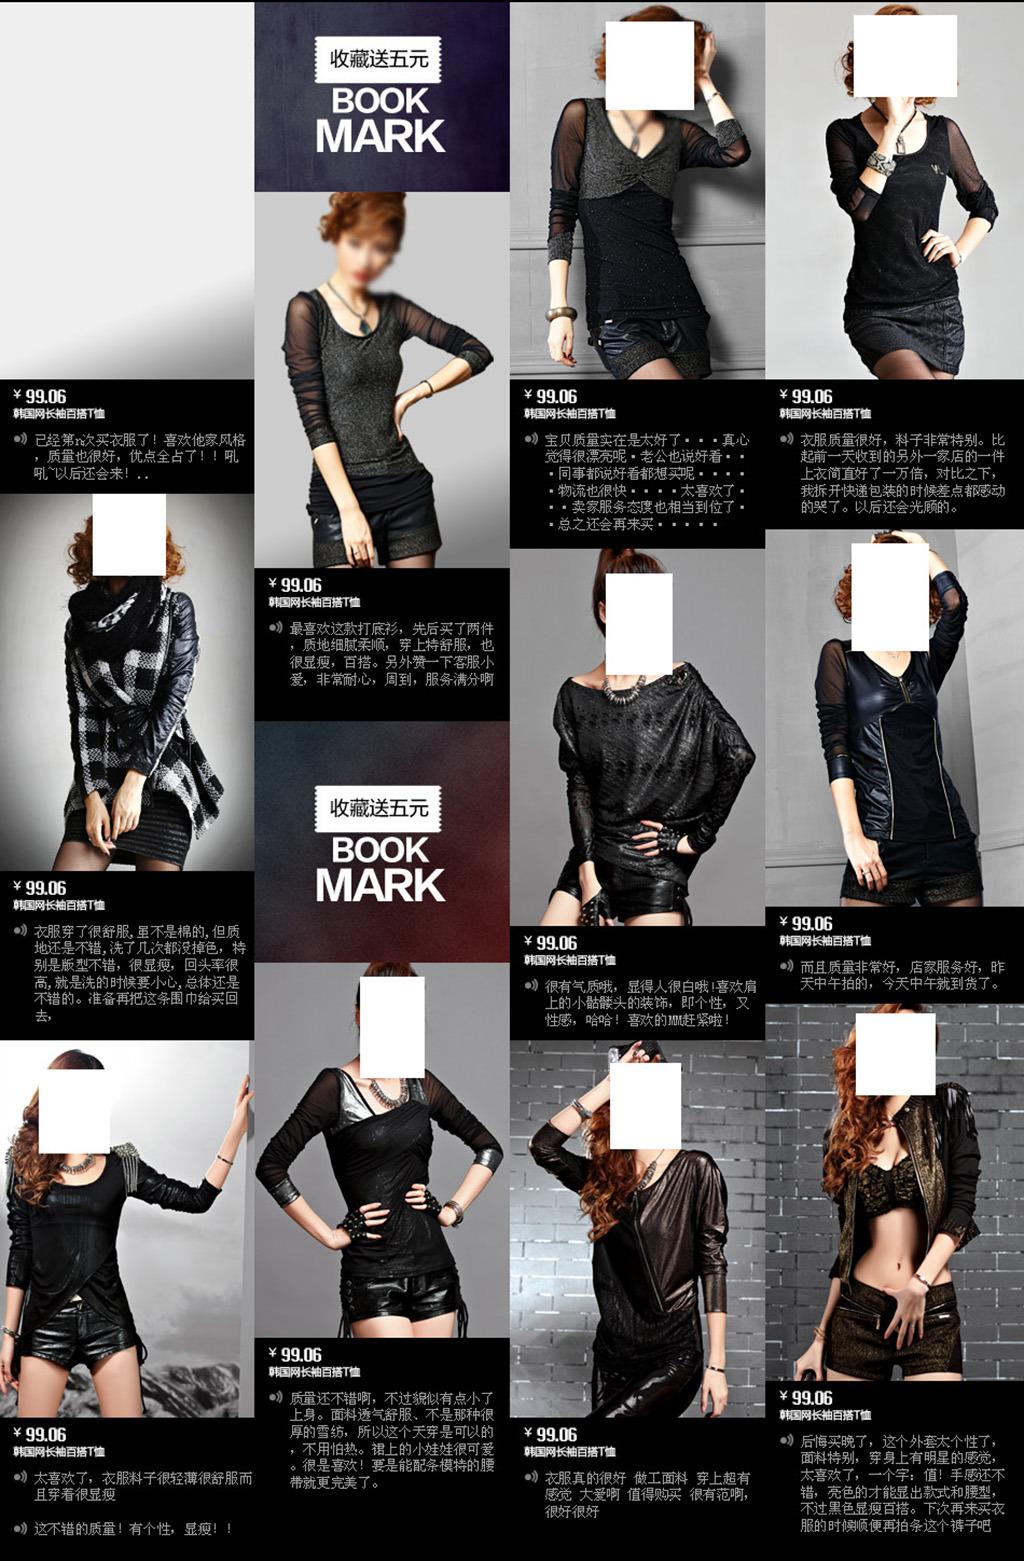 淘宝女装欧美模特产品展示促销海报首页模版